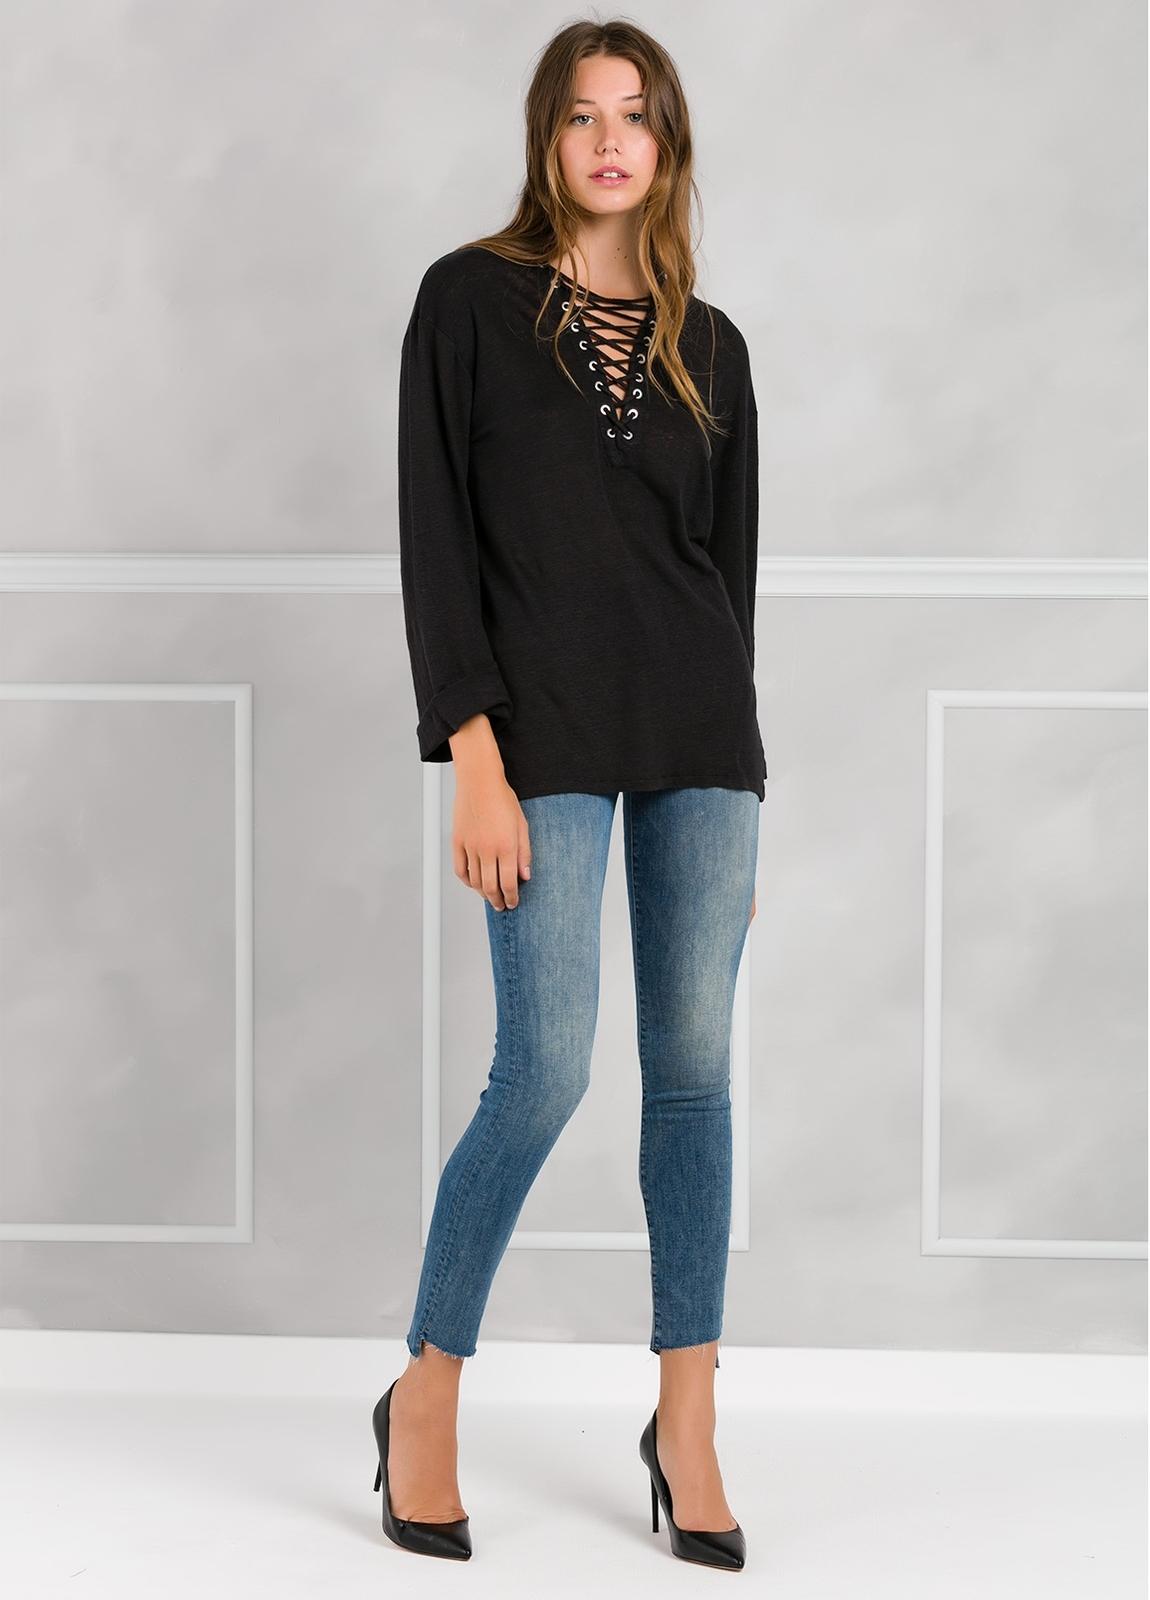 Camiseta woman manga larga color negro, con cordones en escote y apliques metálicos. - Ítem1